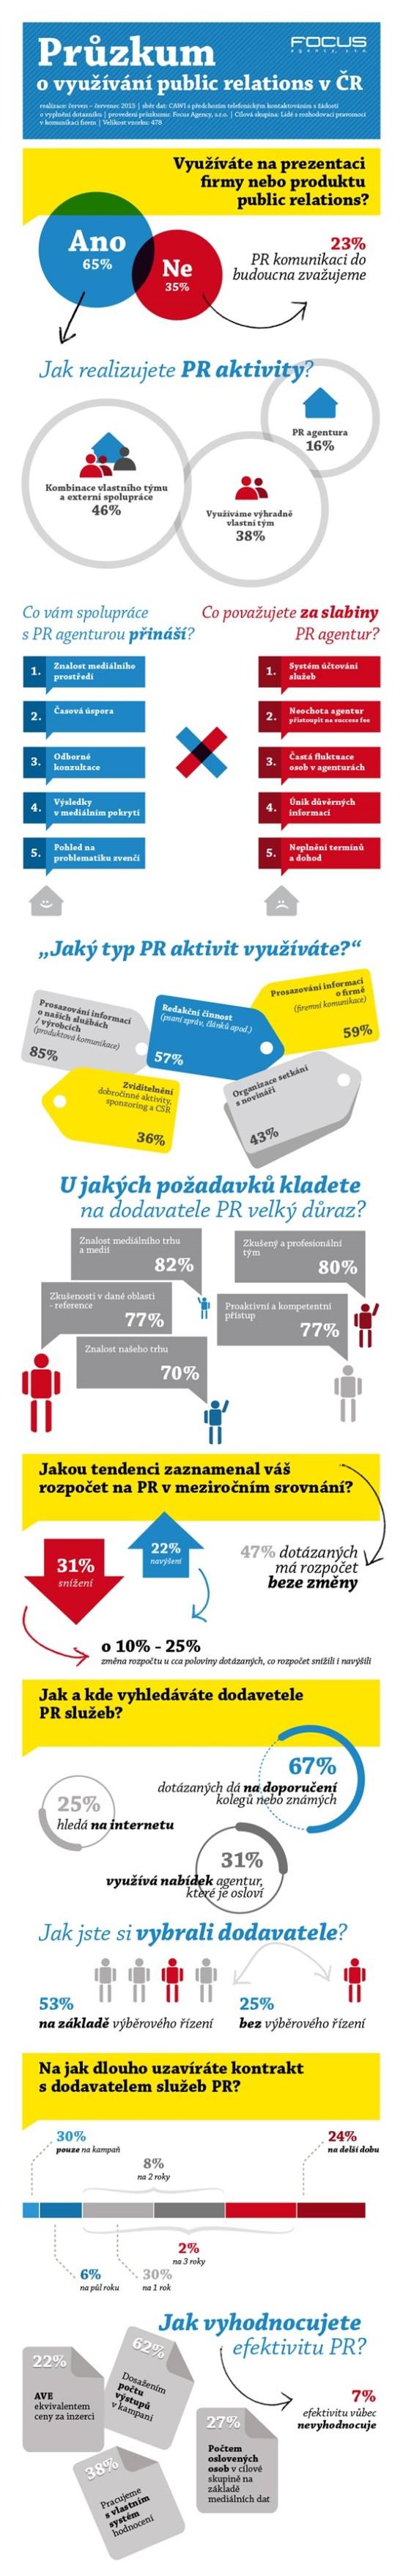 Průzkum o využívání Public Relations v ČR